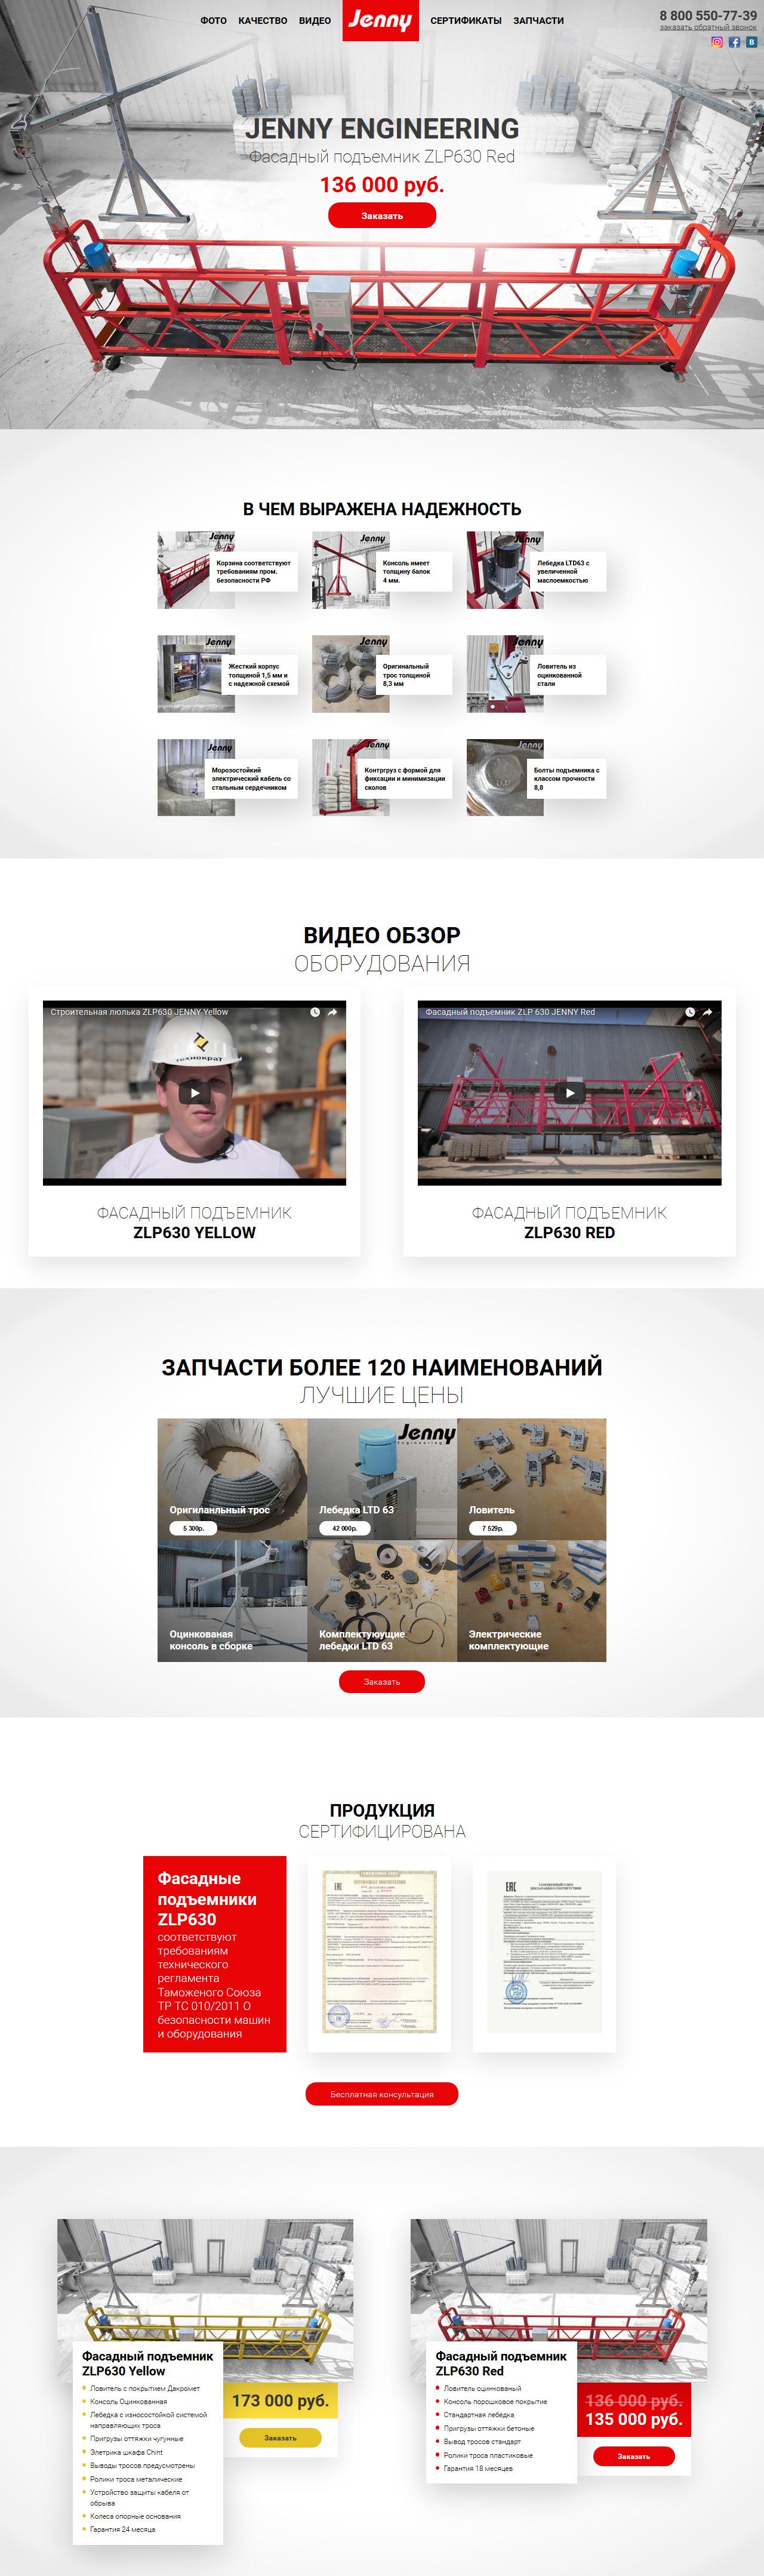 ___ ✅ Промышленность ✅ ___     Фасадные подъемники ZLP630